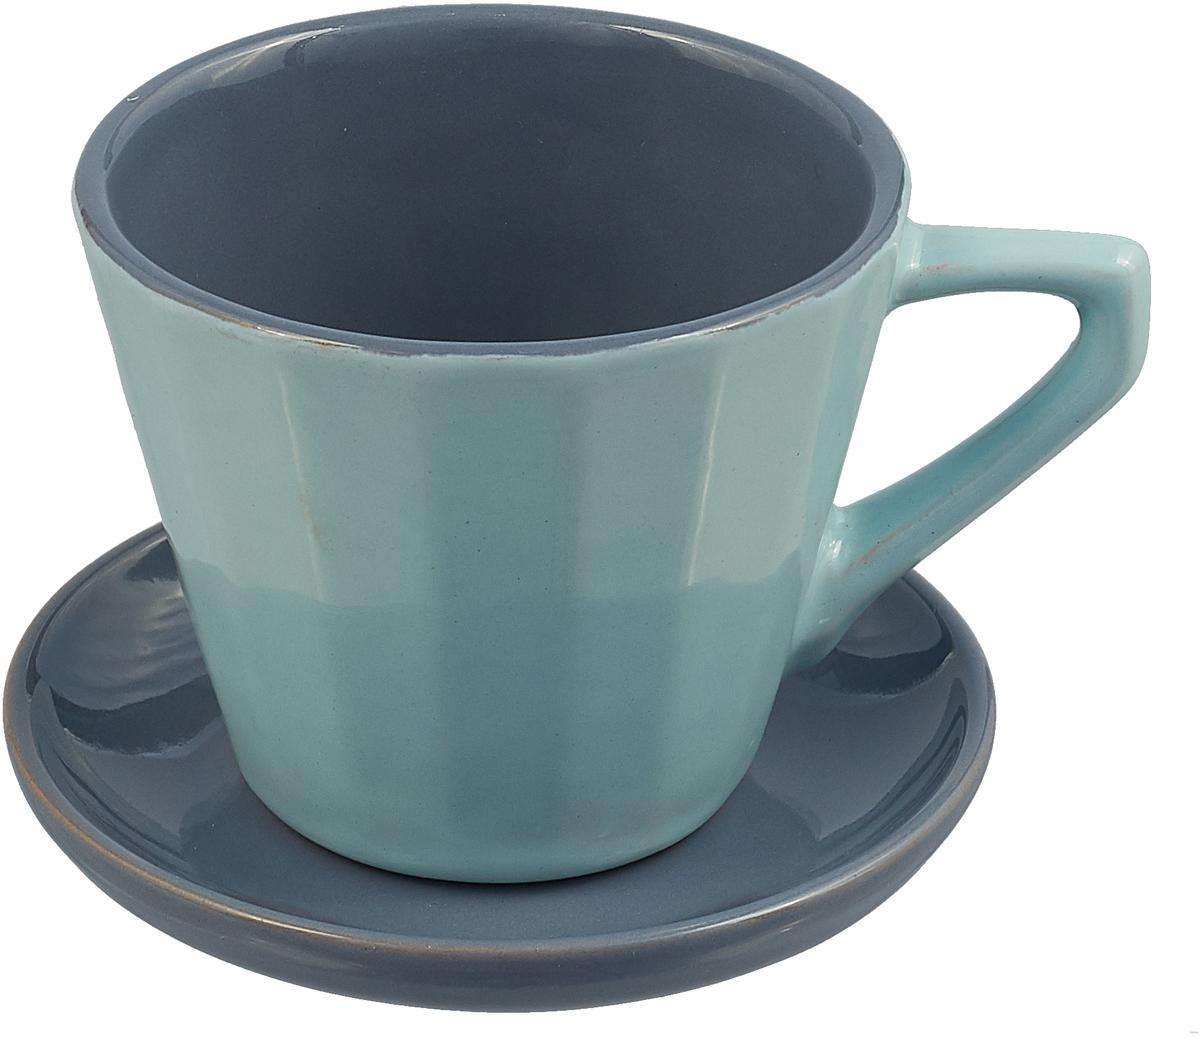 Чайная пара Борисовская керамика Ностальгия, цвет: серо-голубой, серый, 200 мл чашка чайная борисовская керамика пион цвет оранжевый 300 мл